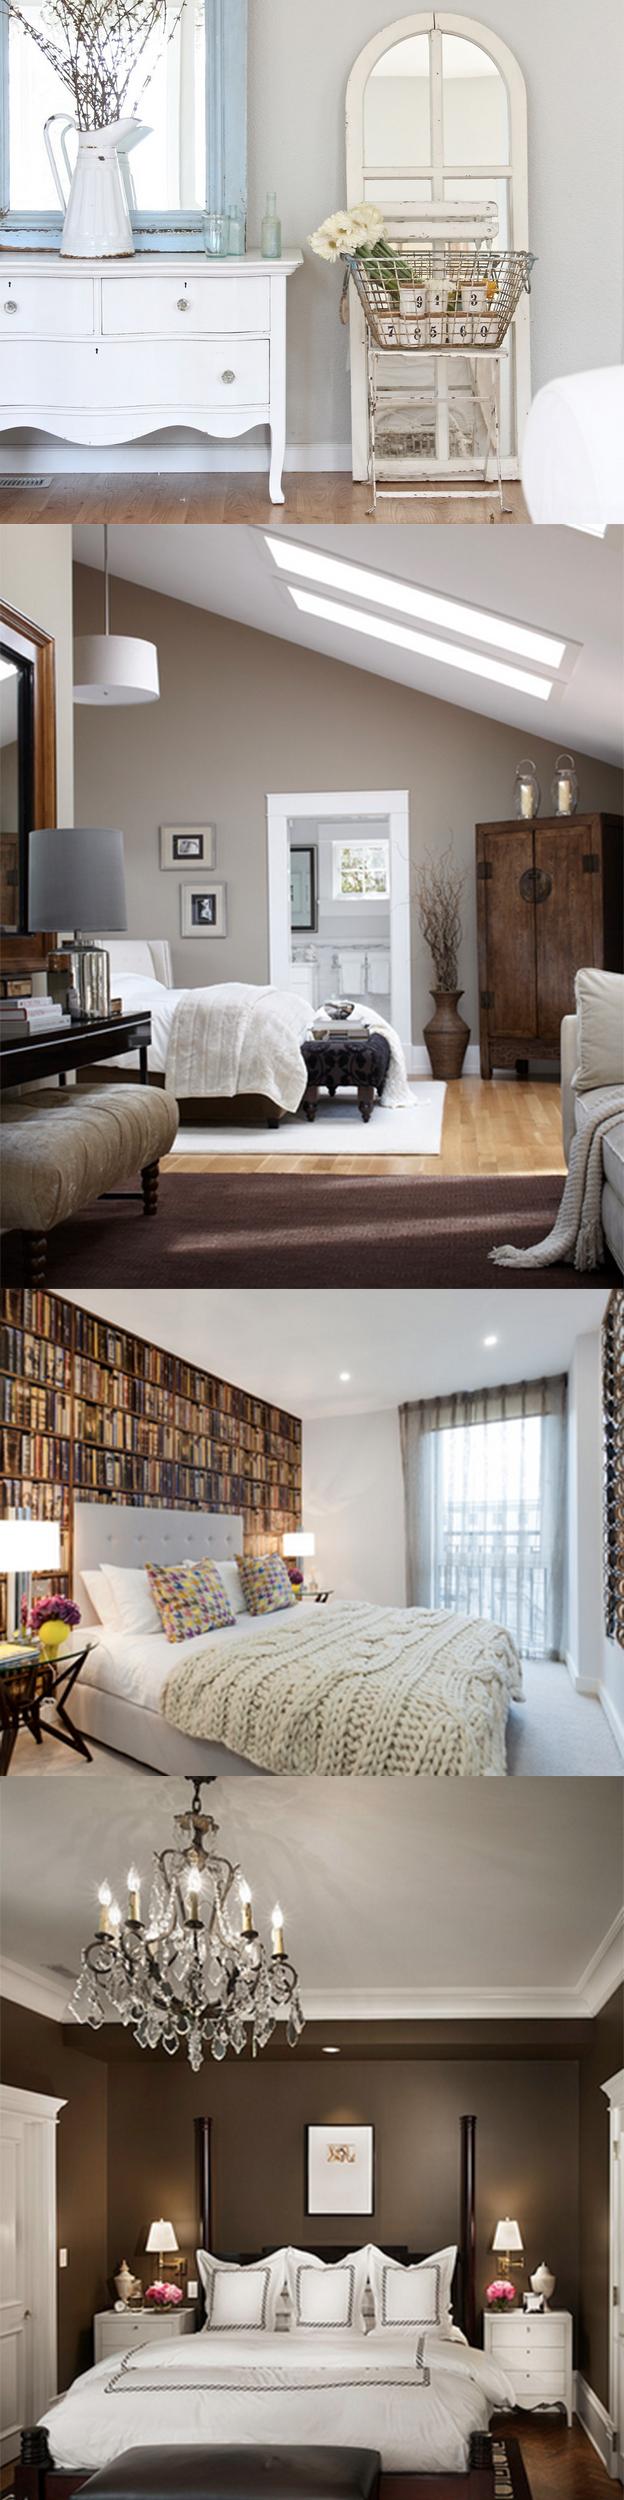 Muebles hipopotamo como decorar dormitorio habitacion - Como decorar tu dormitorio ...